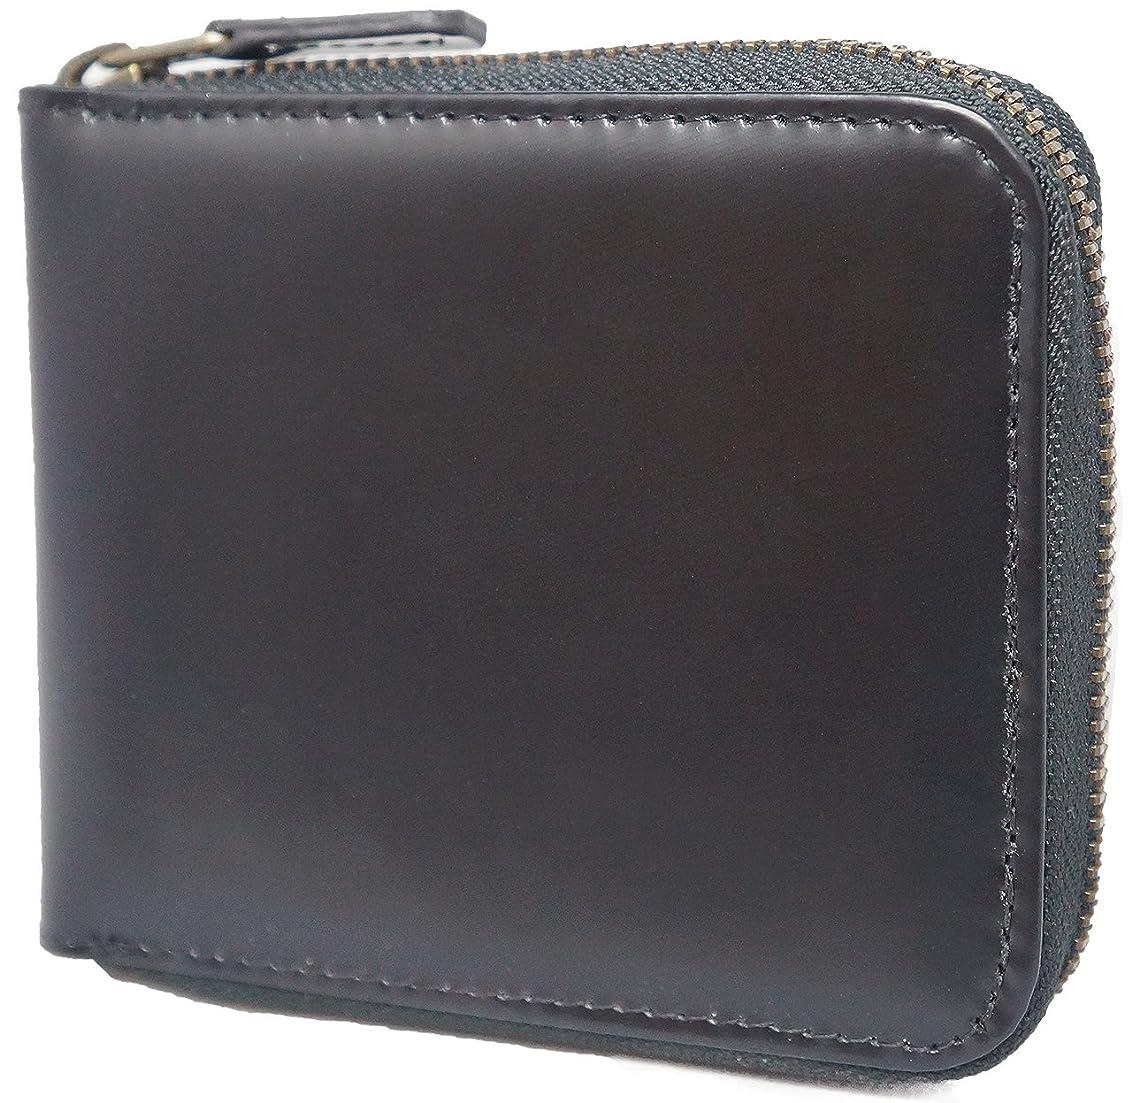 成熟にはまってヒープ[High-end] 【極上の馬革コードバン】 高級 二つ折り財布 ラウンドファスナー ウォレット 短財布 BOX付き ME0107_e